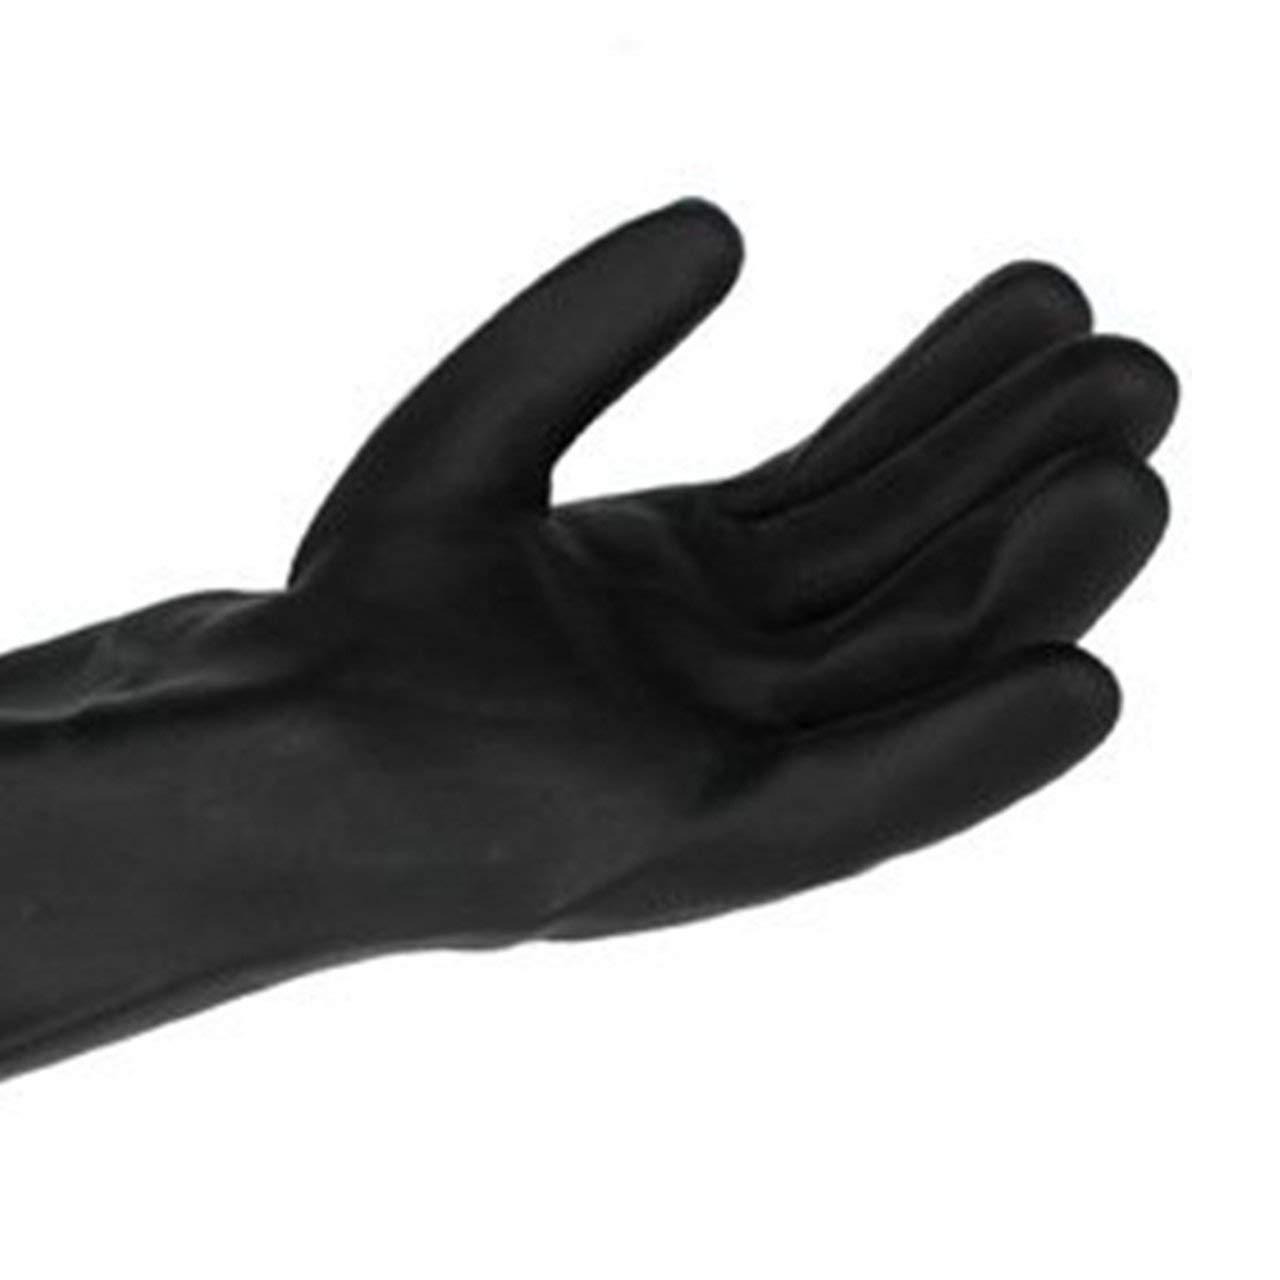 Heaviesk 1 par de guantes qu/ímicos guantes de goma resistentes a los qu/ímicos guantes de l/átex resistentes al aceite /ácido para la industria dom/éstica guantes de seguridad laboral